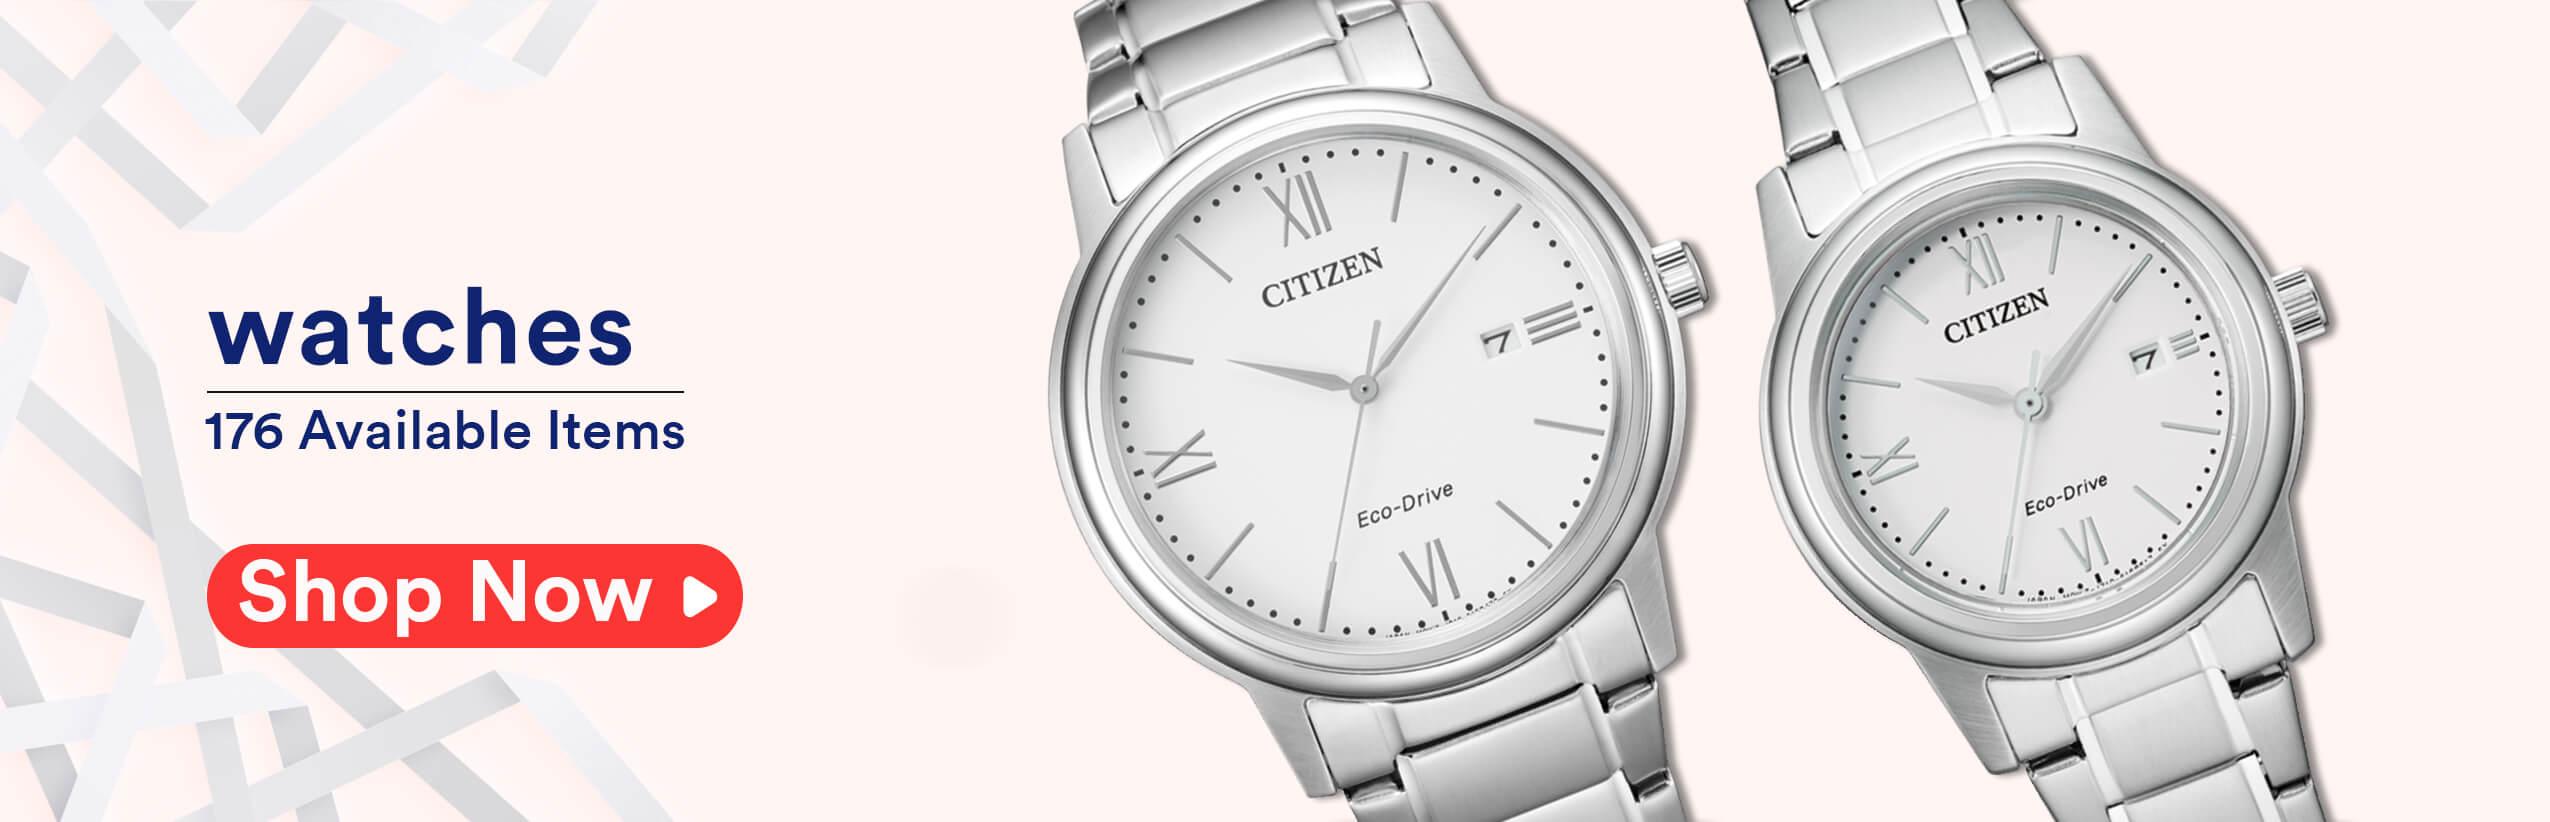 watches-slider